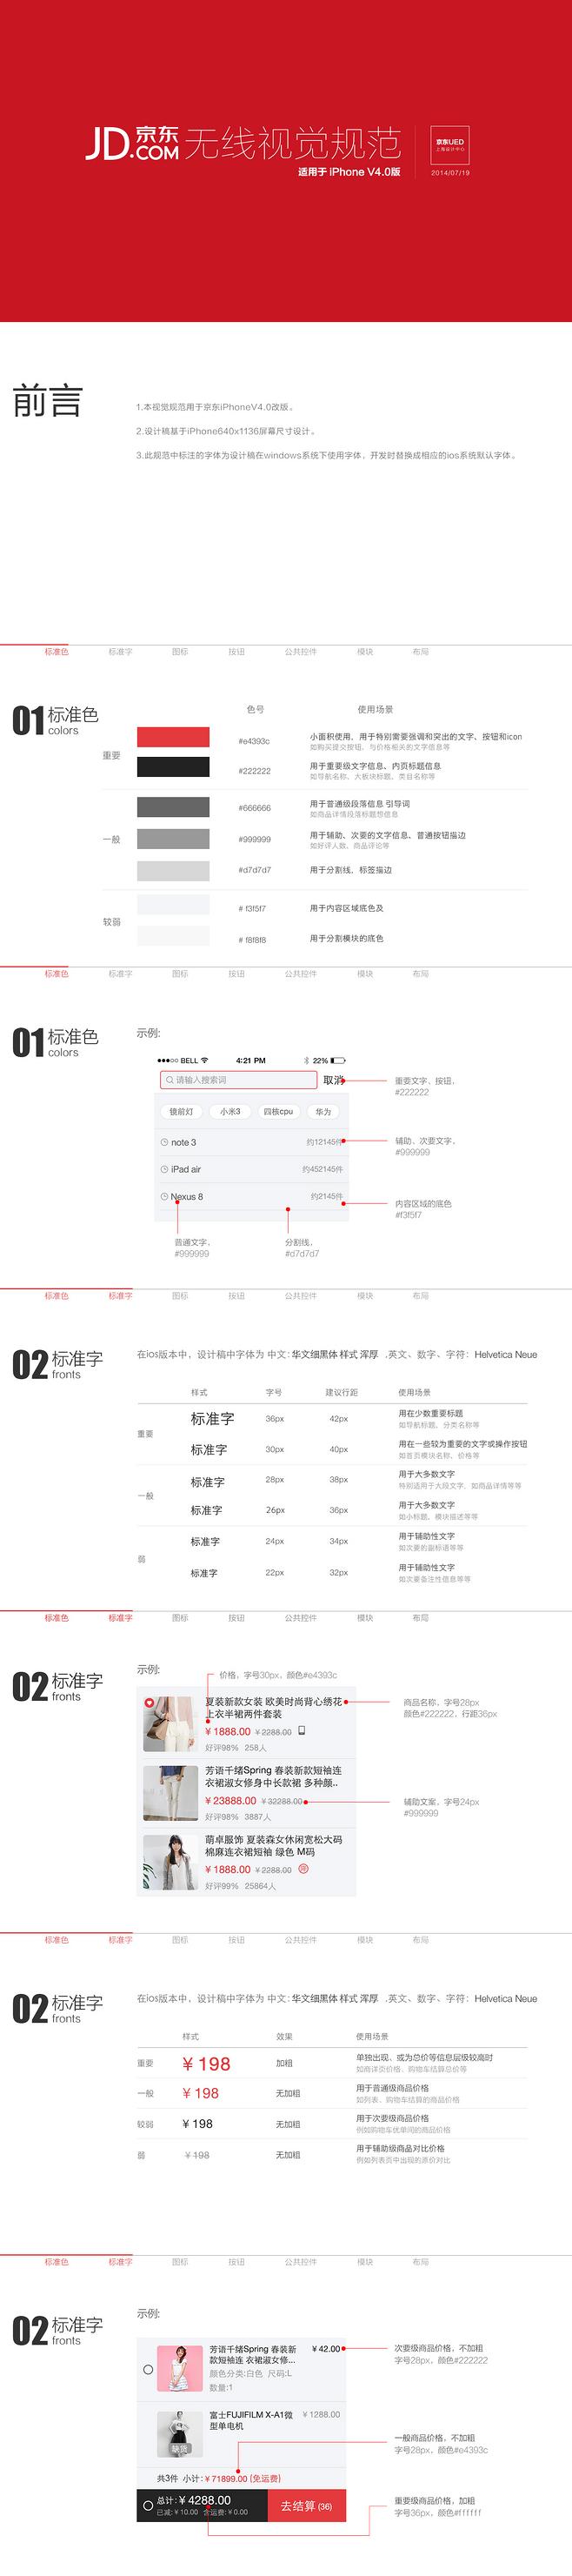 京东APP设计视觉规范整理1